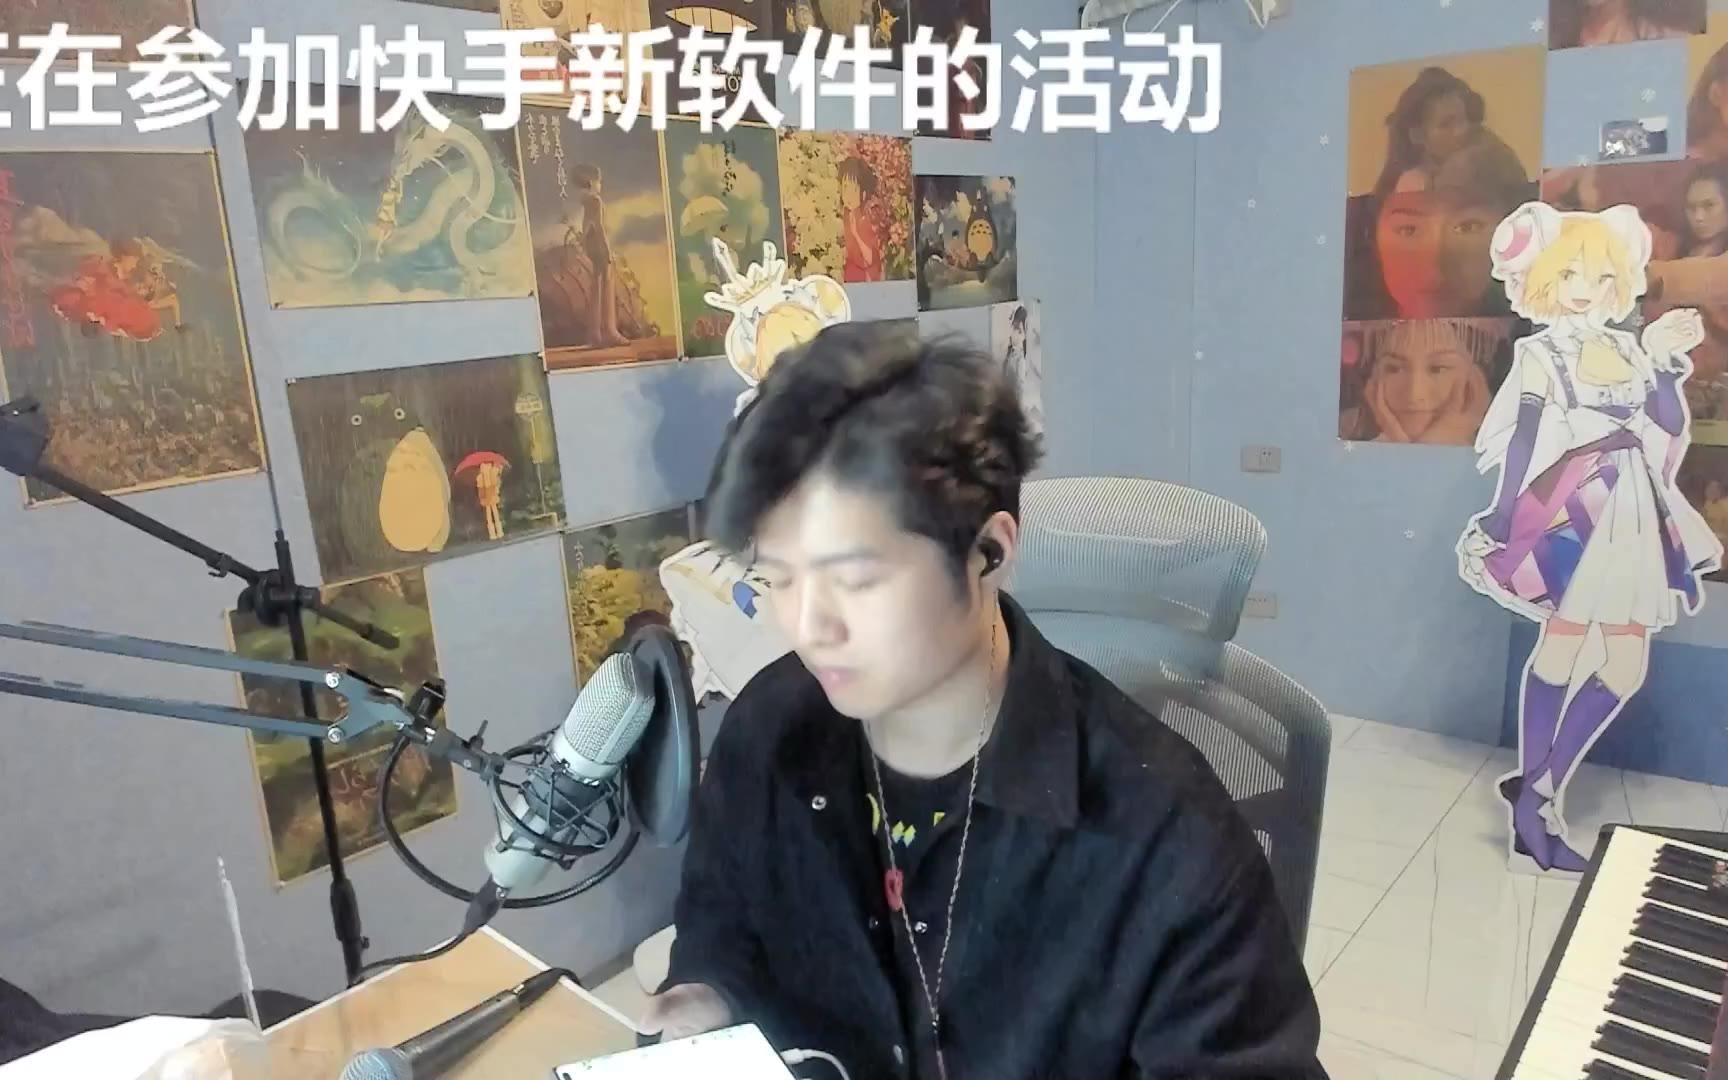 【20210322】张梓义直播录像